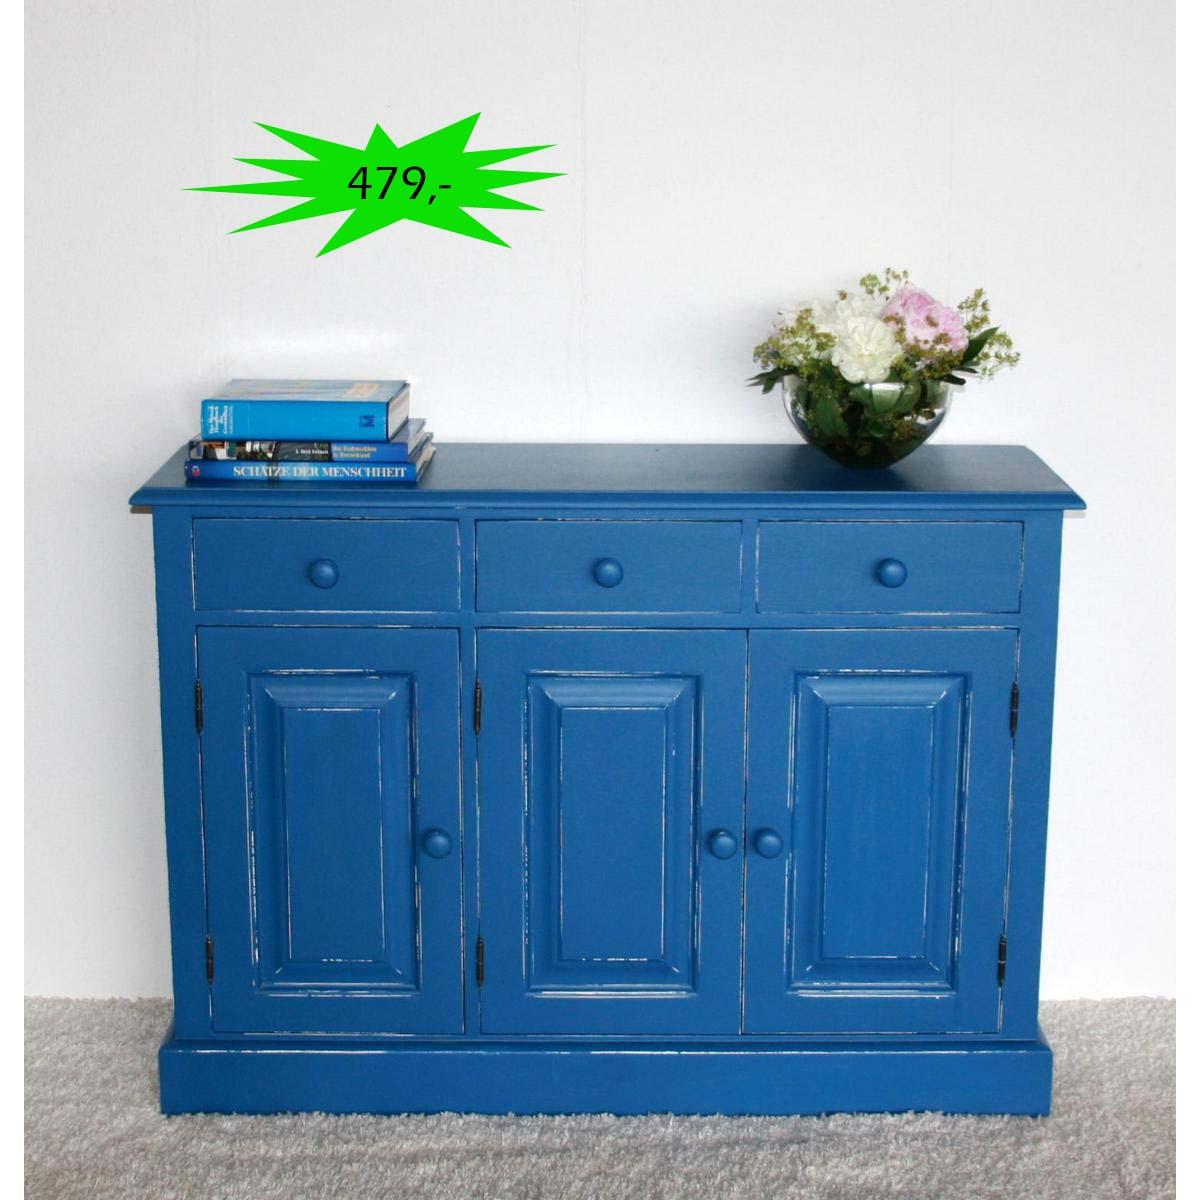 Kommode Antik Blau Gunstig Schm Gebraucht Machen Antik Schmale